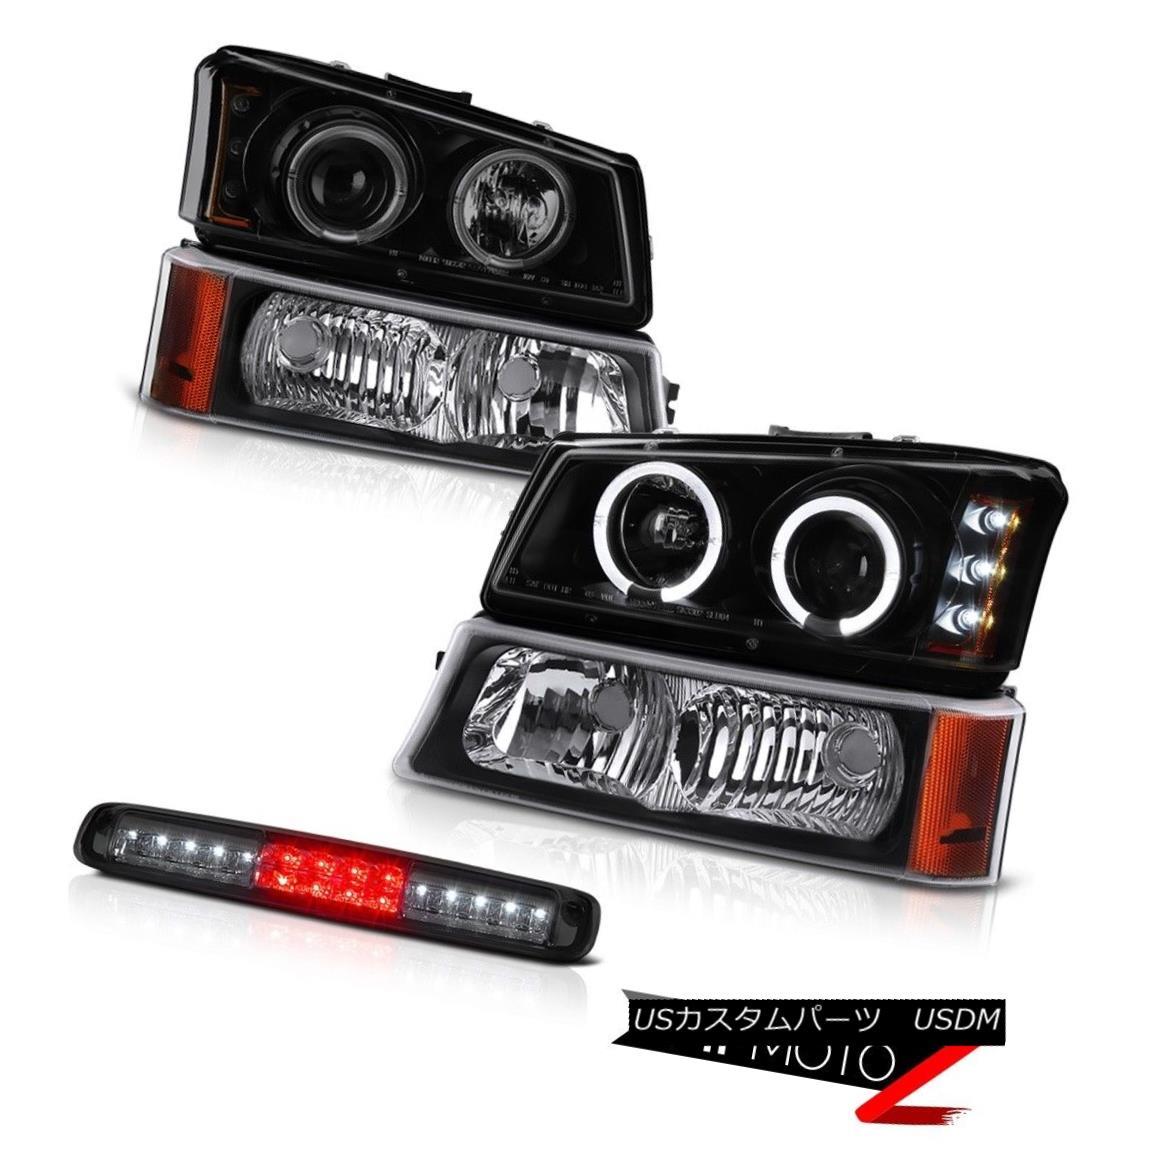 テールライト 2003-2006 Silverado Roof Cargo Lamp Parking Darkest Smoke Headlights Halo Ring 2003-2006シルバラド屋根カーゴランプパーキングダークスモークヘッドライトハローリング